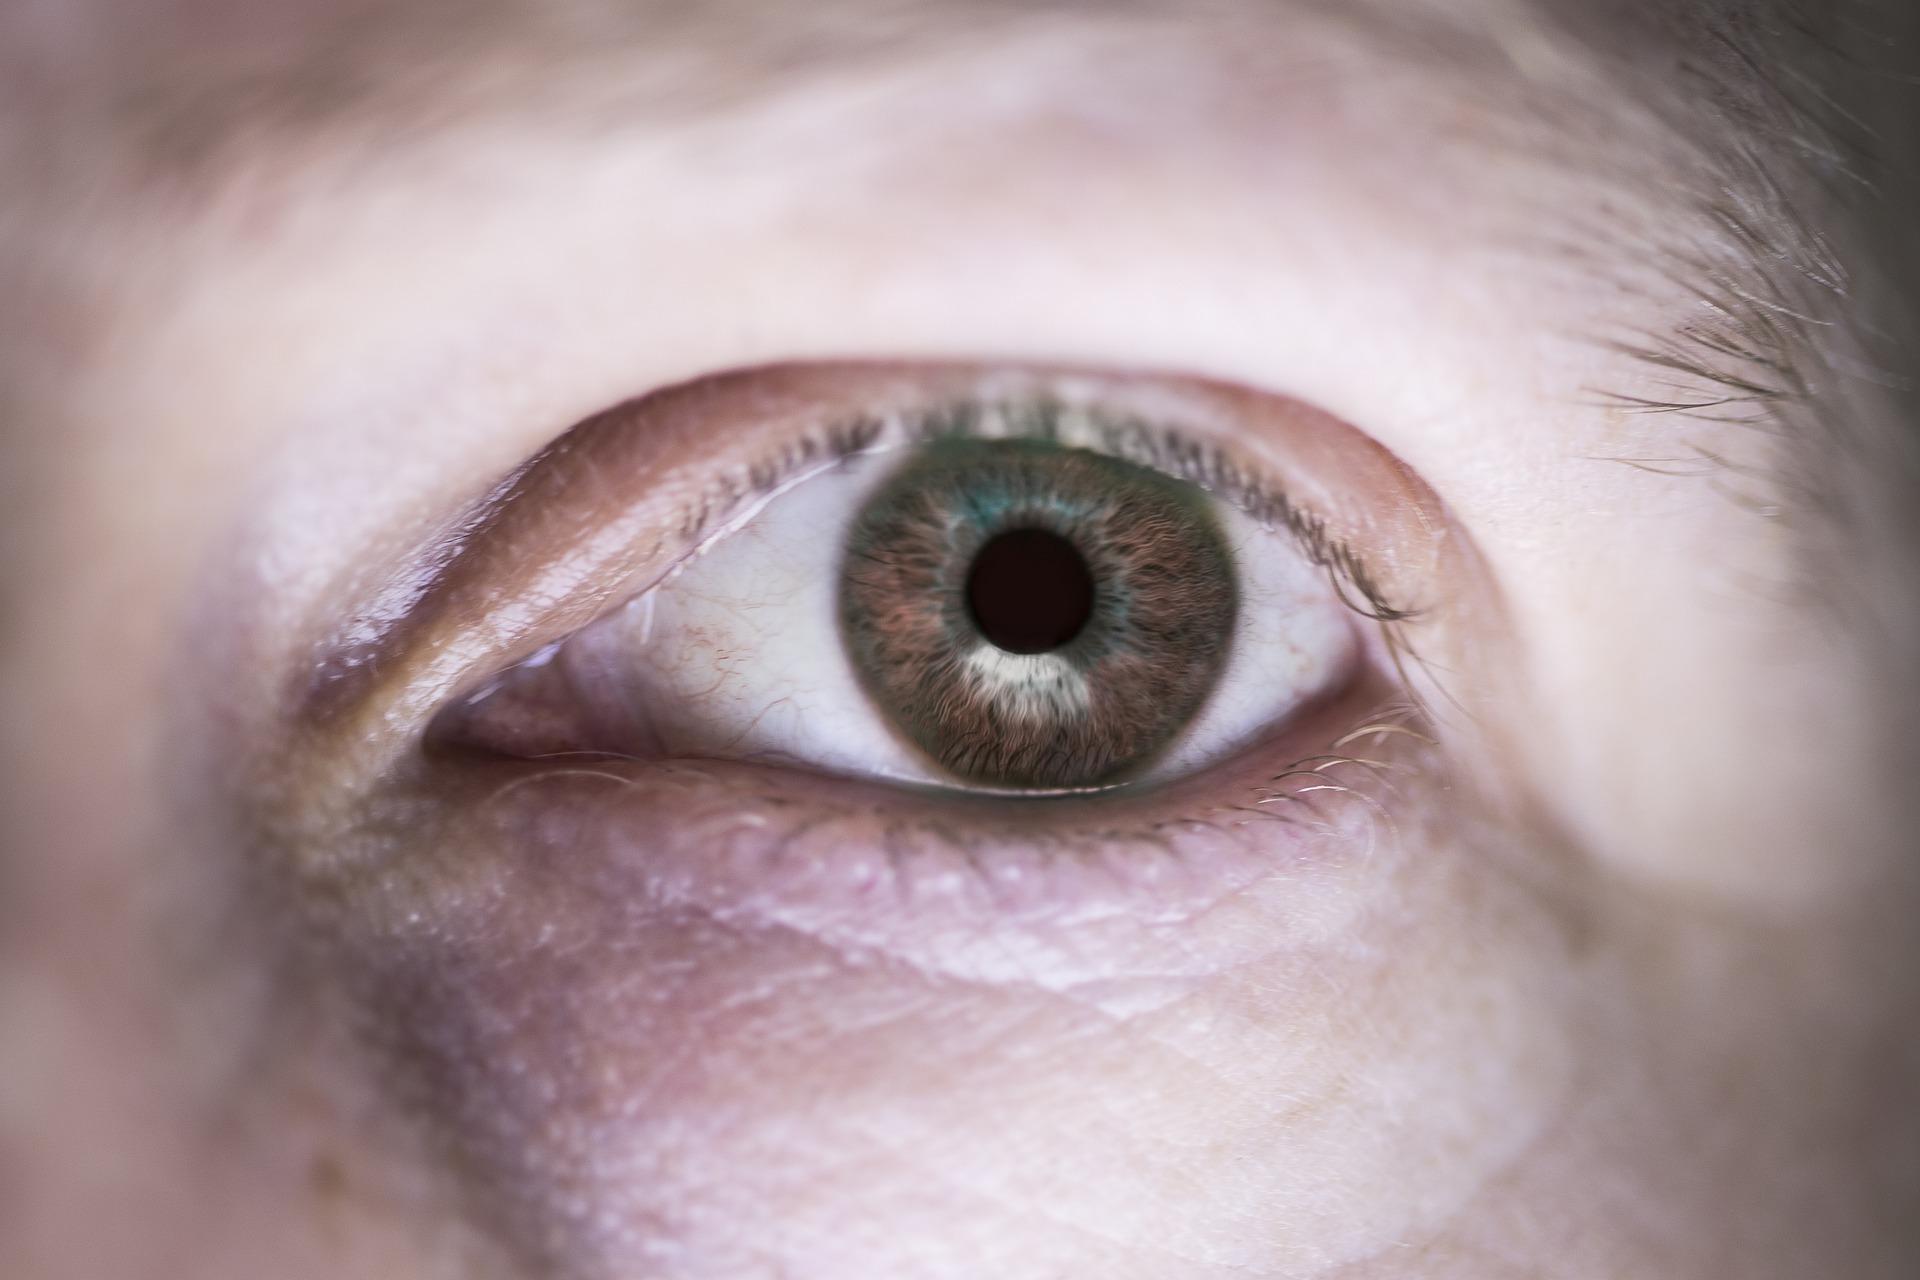 1606142325-eye-4620839-1920.jpeg